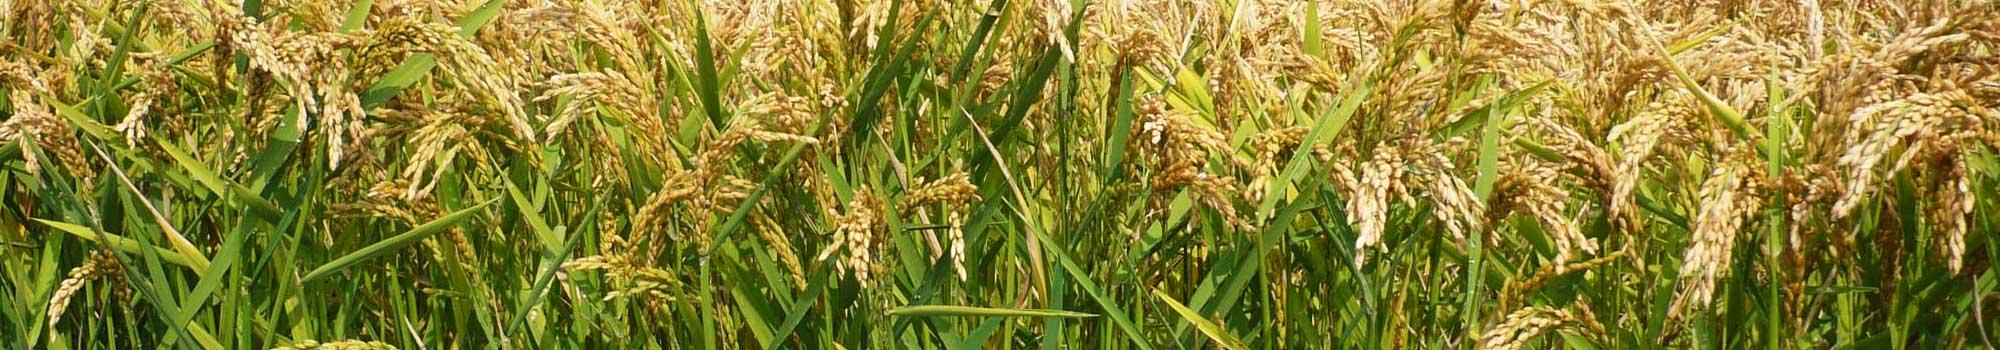 Agrifama Barengo | Riso